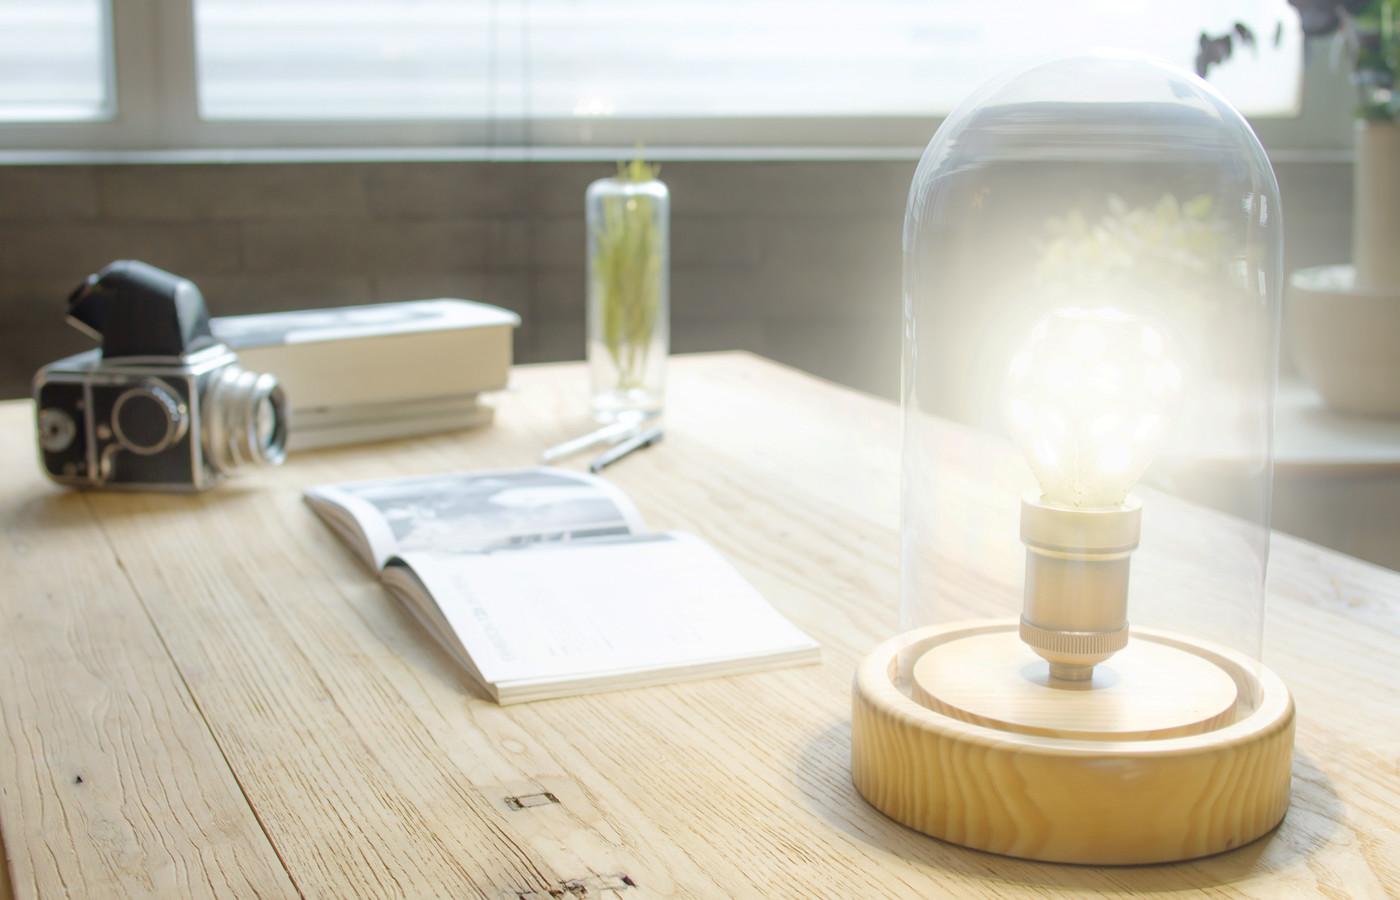 nanoleaf bloom ナノリーフ ブルーム ムーミン LED電球 E26口径 1200ルーメン75W相当